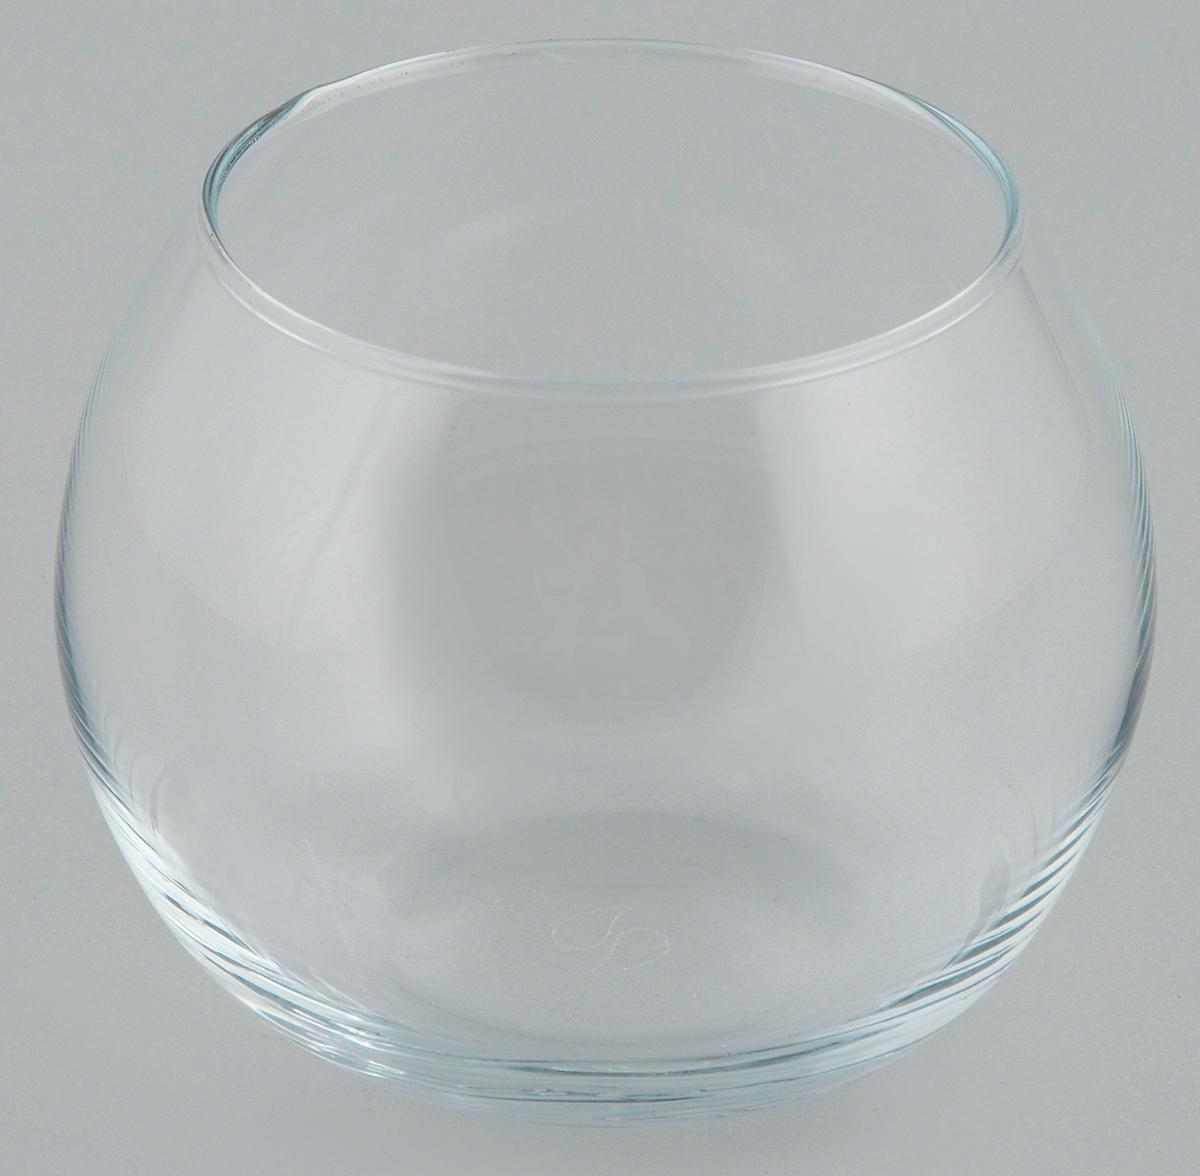 Ваза Pasabahce Flora, высота 7,9 смFF02633AДекоративная ваза Pasabahce Flora выполнена из высококачественного прозрачного стекла.Изделие придется по вкусу и ценителям классики, и тем, кто предпочитает утонченность и изящность. Вы можете поставить вазу в любом месте, где она будет удачно смотреться и радовать глаз. Такая ваза подойдет для декора интерьера. Кроме того - это отличный вариант подарка для ваших близких и друзей.Высота вазы: 7,9 см.